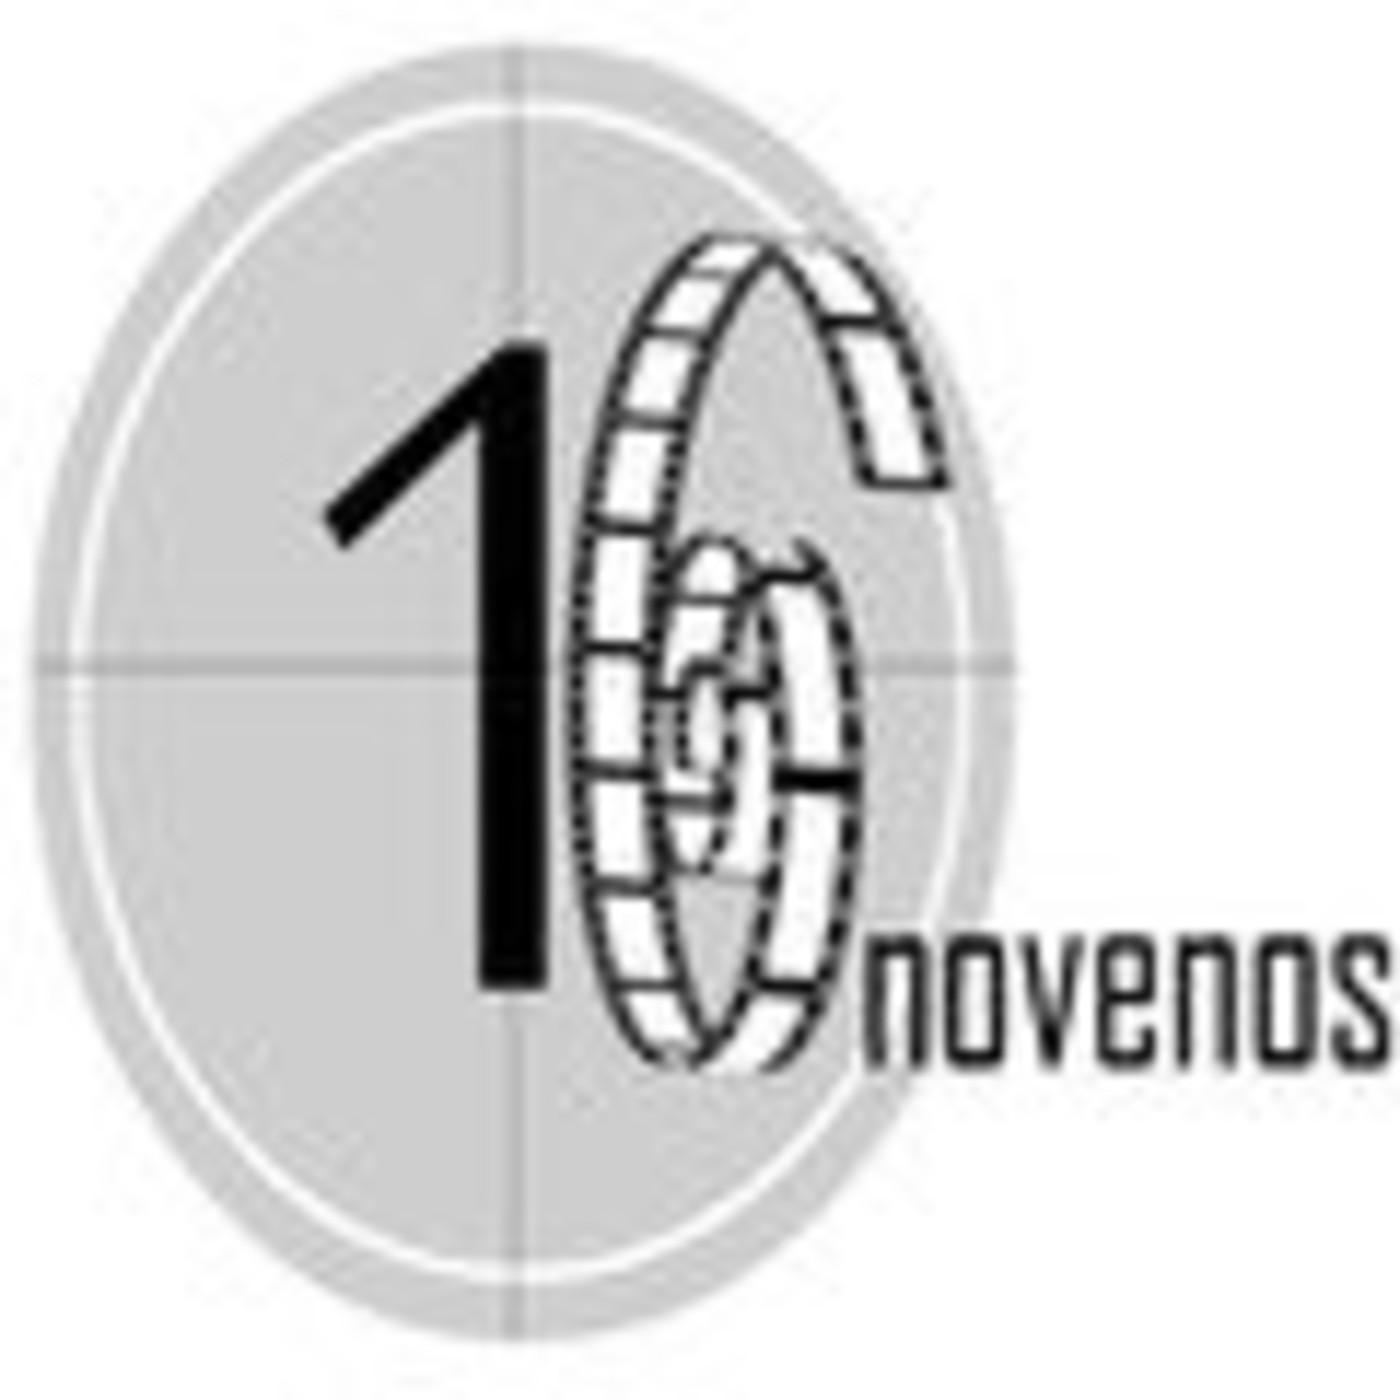 16Novenos